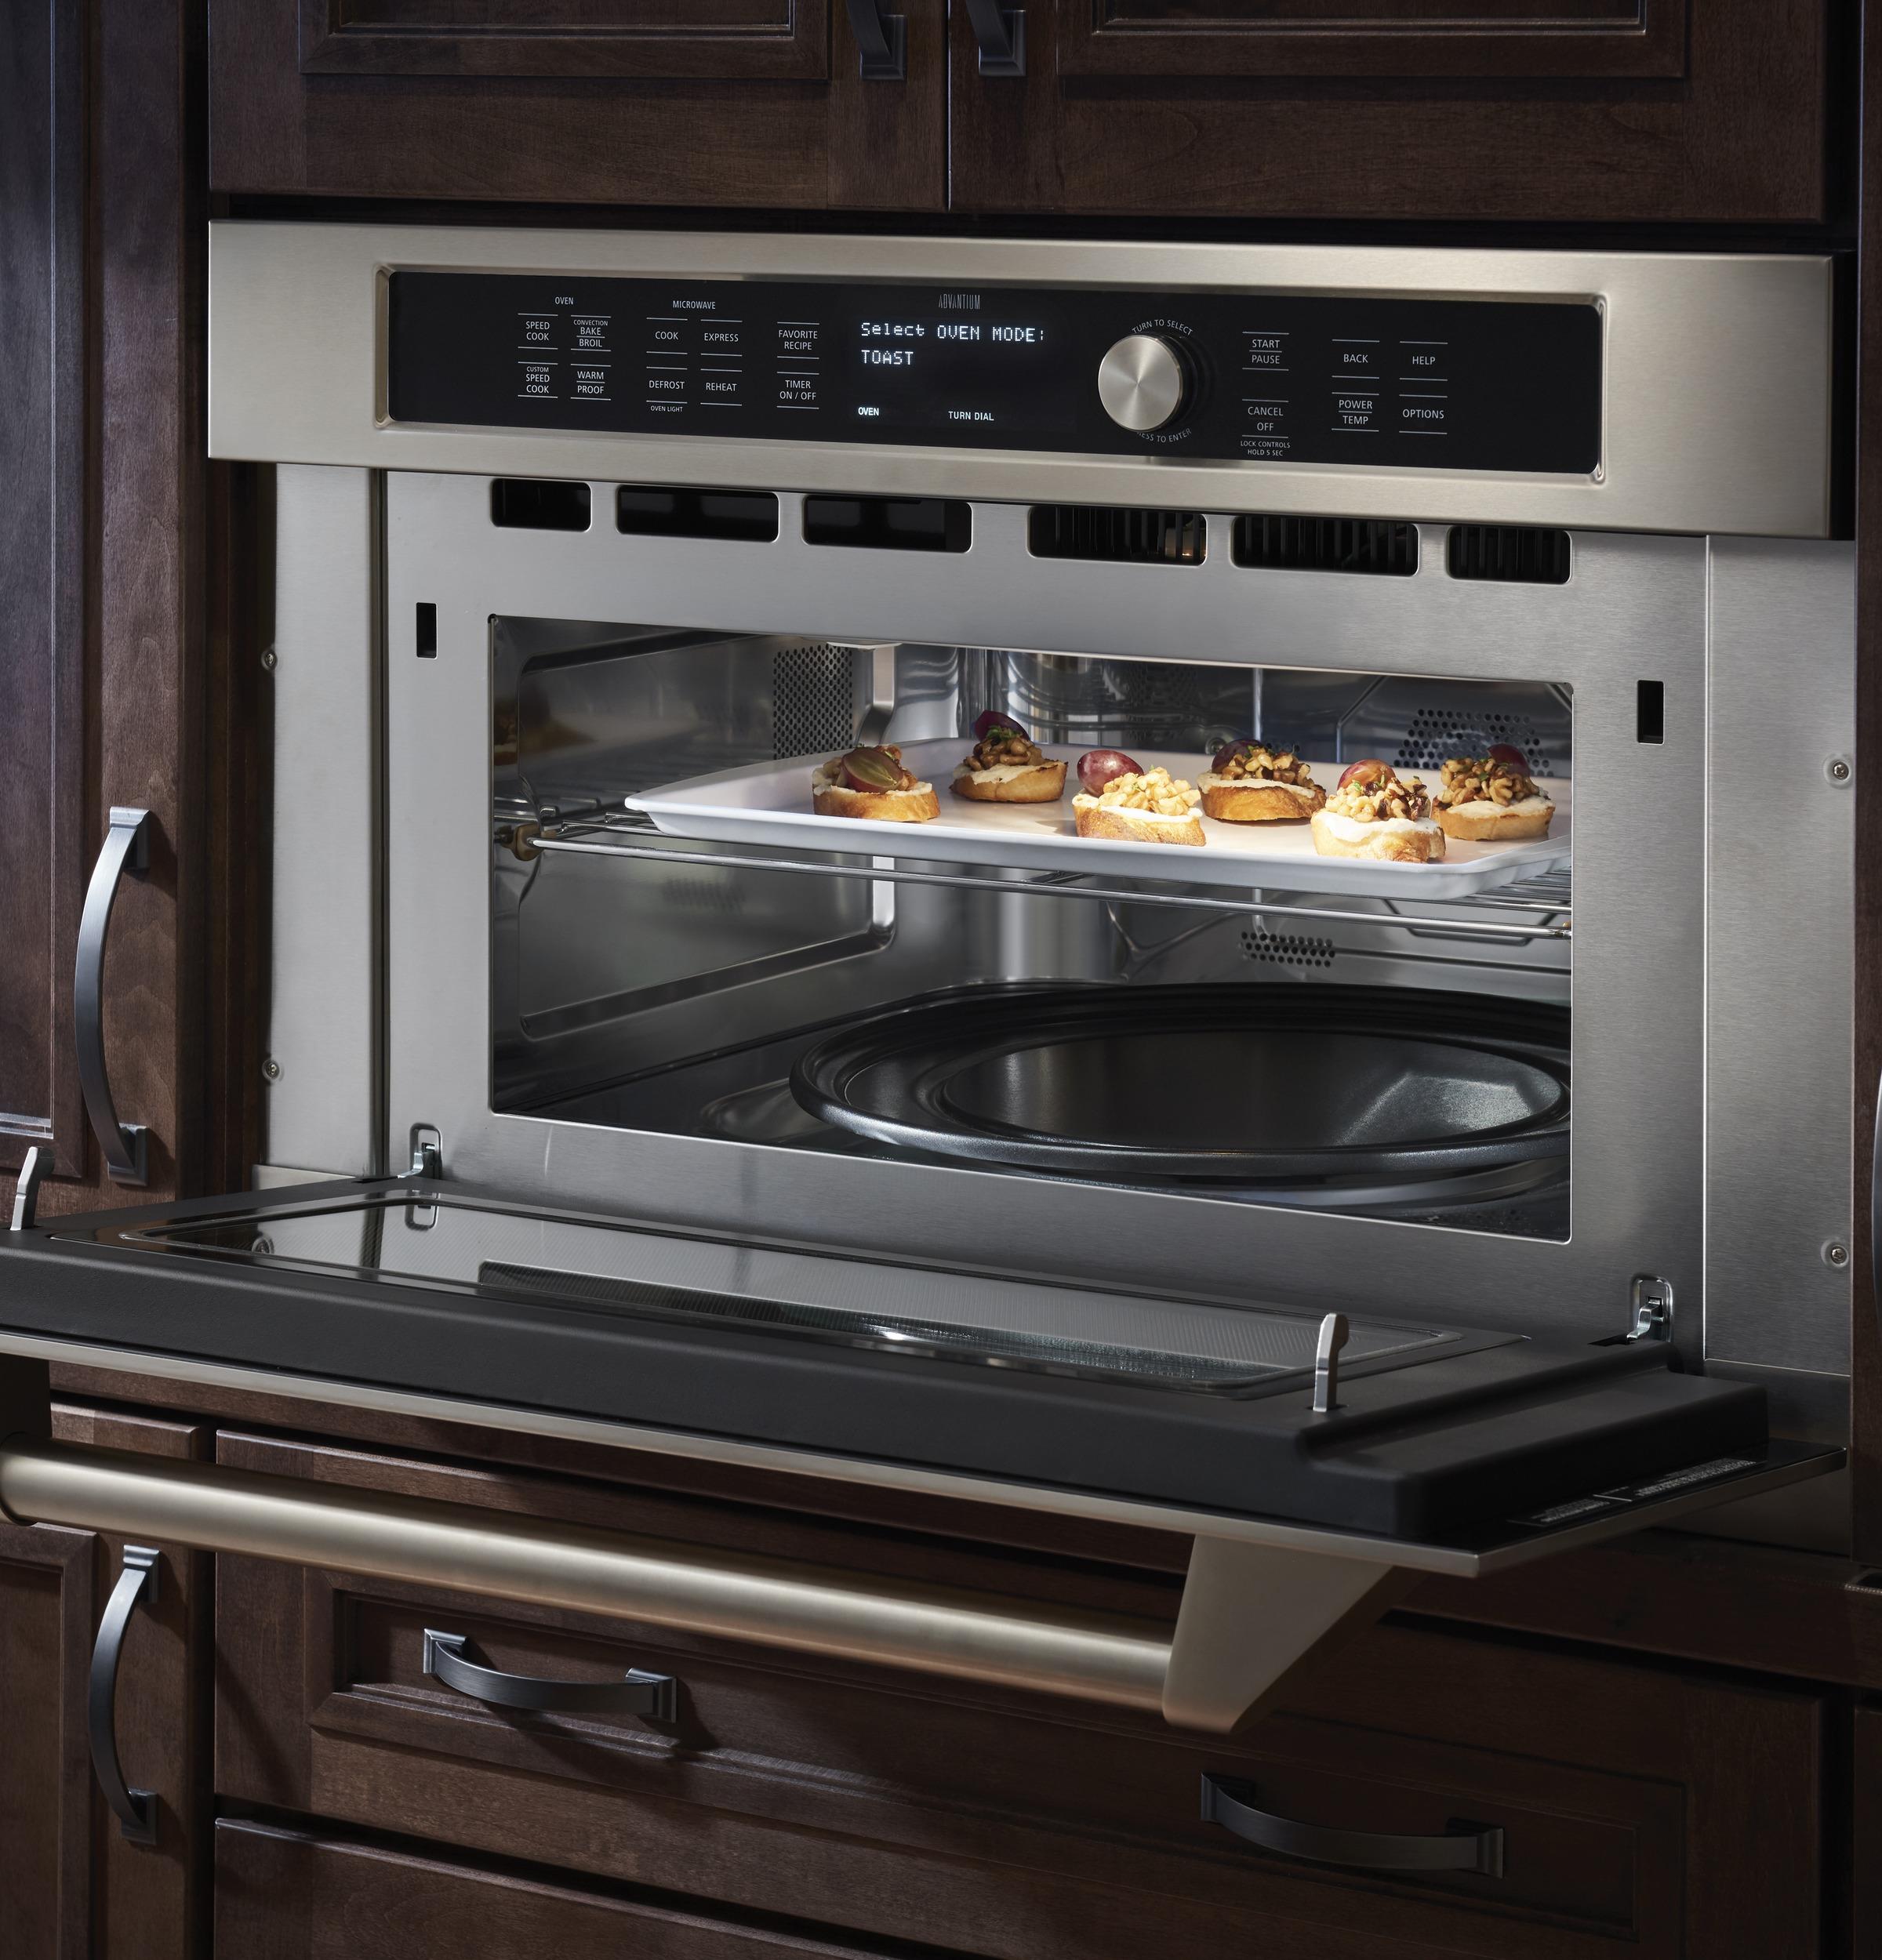 Model: ZSC1202JSS | Monogram Built-In Oven with Advantium® Speedcook Technology- 120V